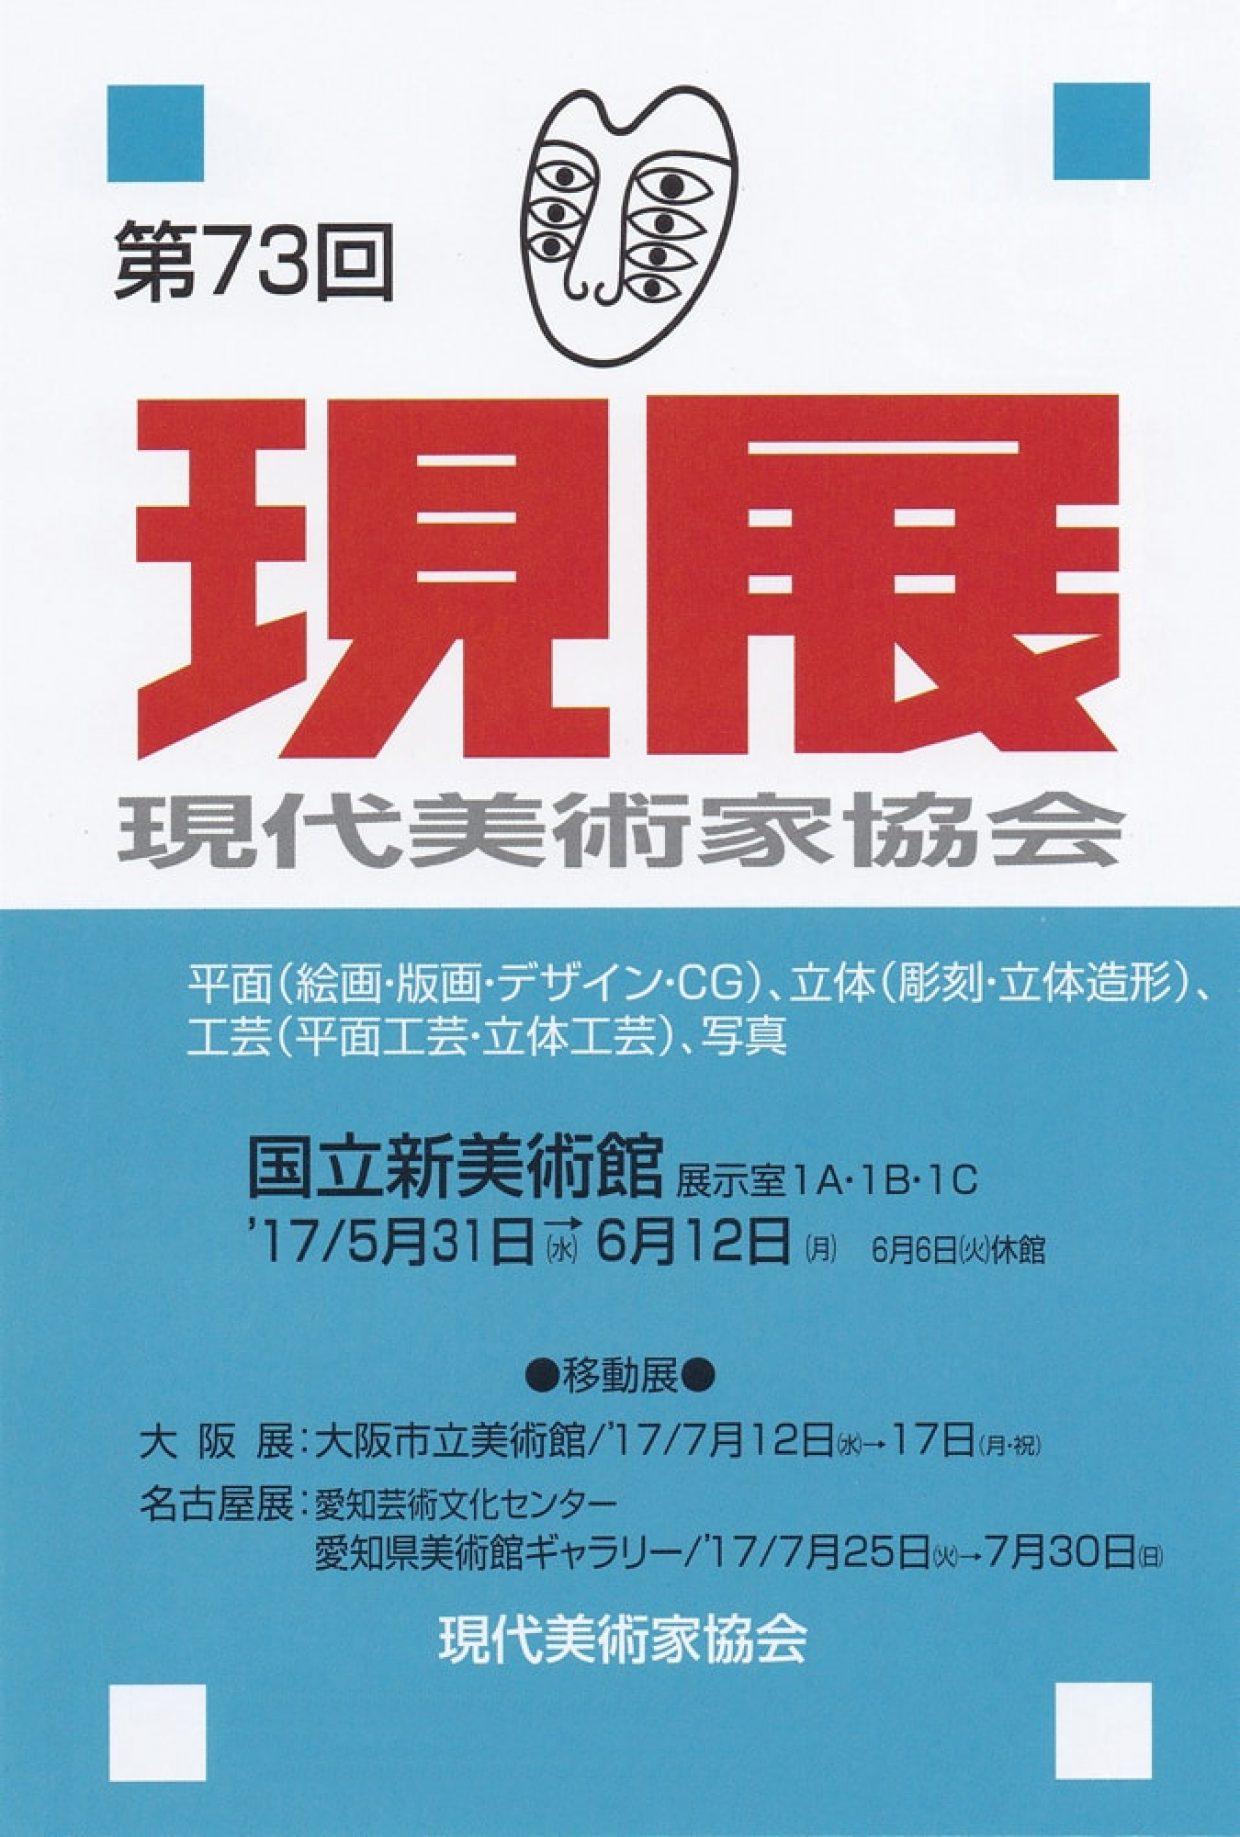 展覧会出展のお知らせ<br />石黒喜子さん